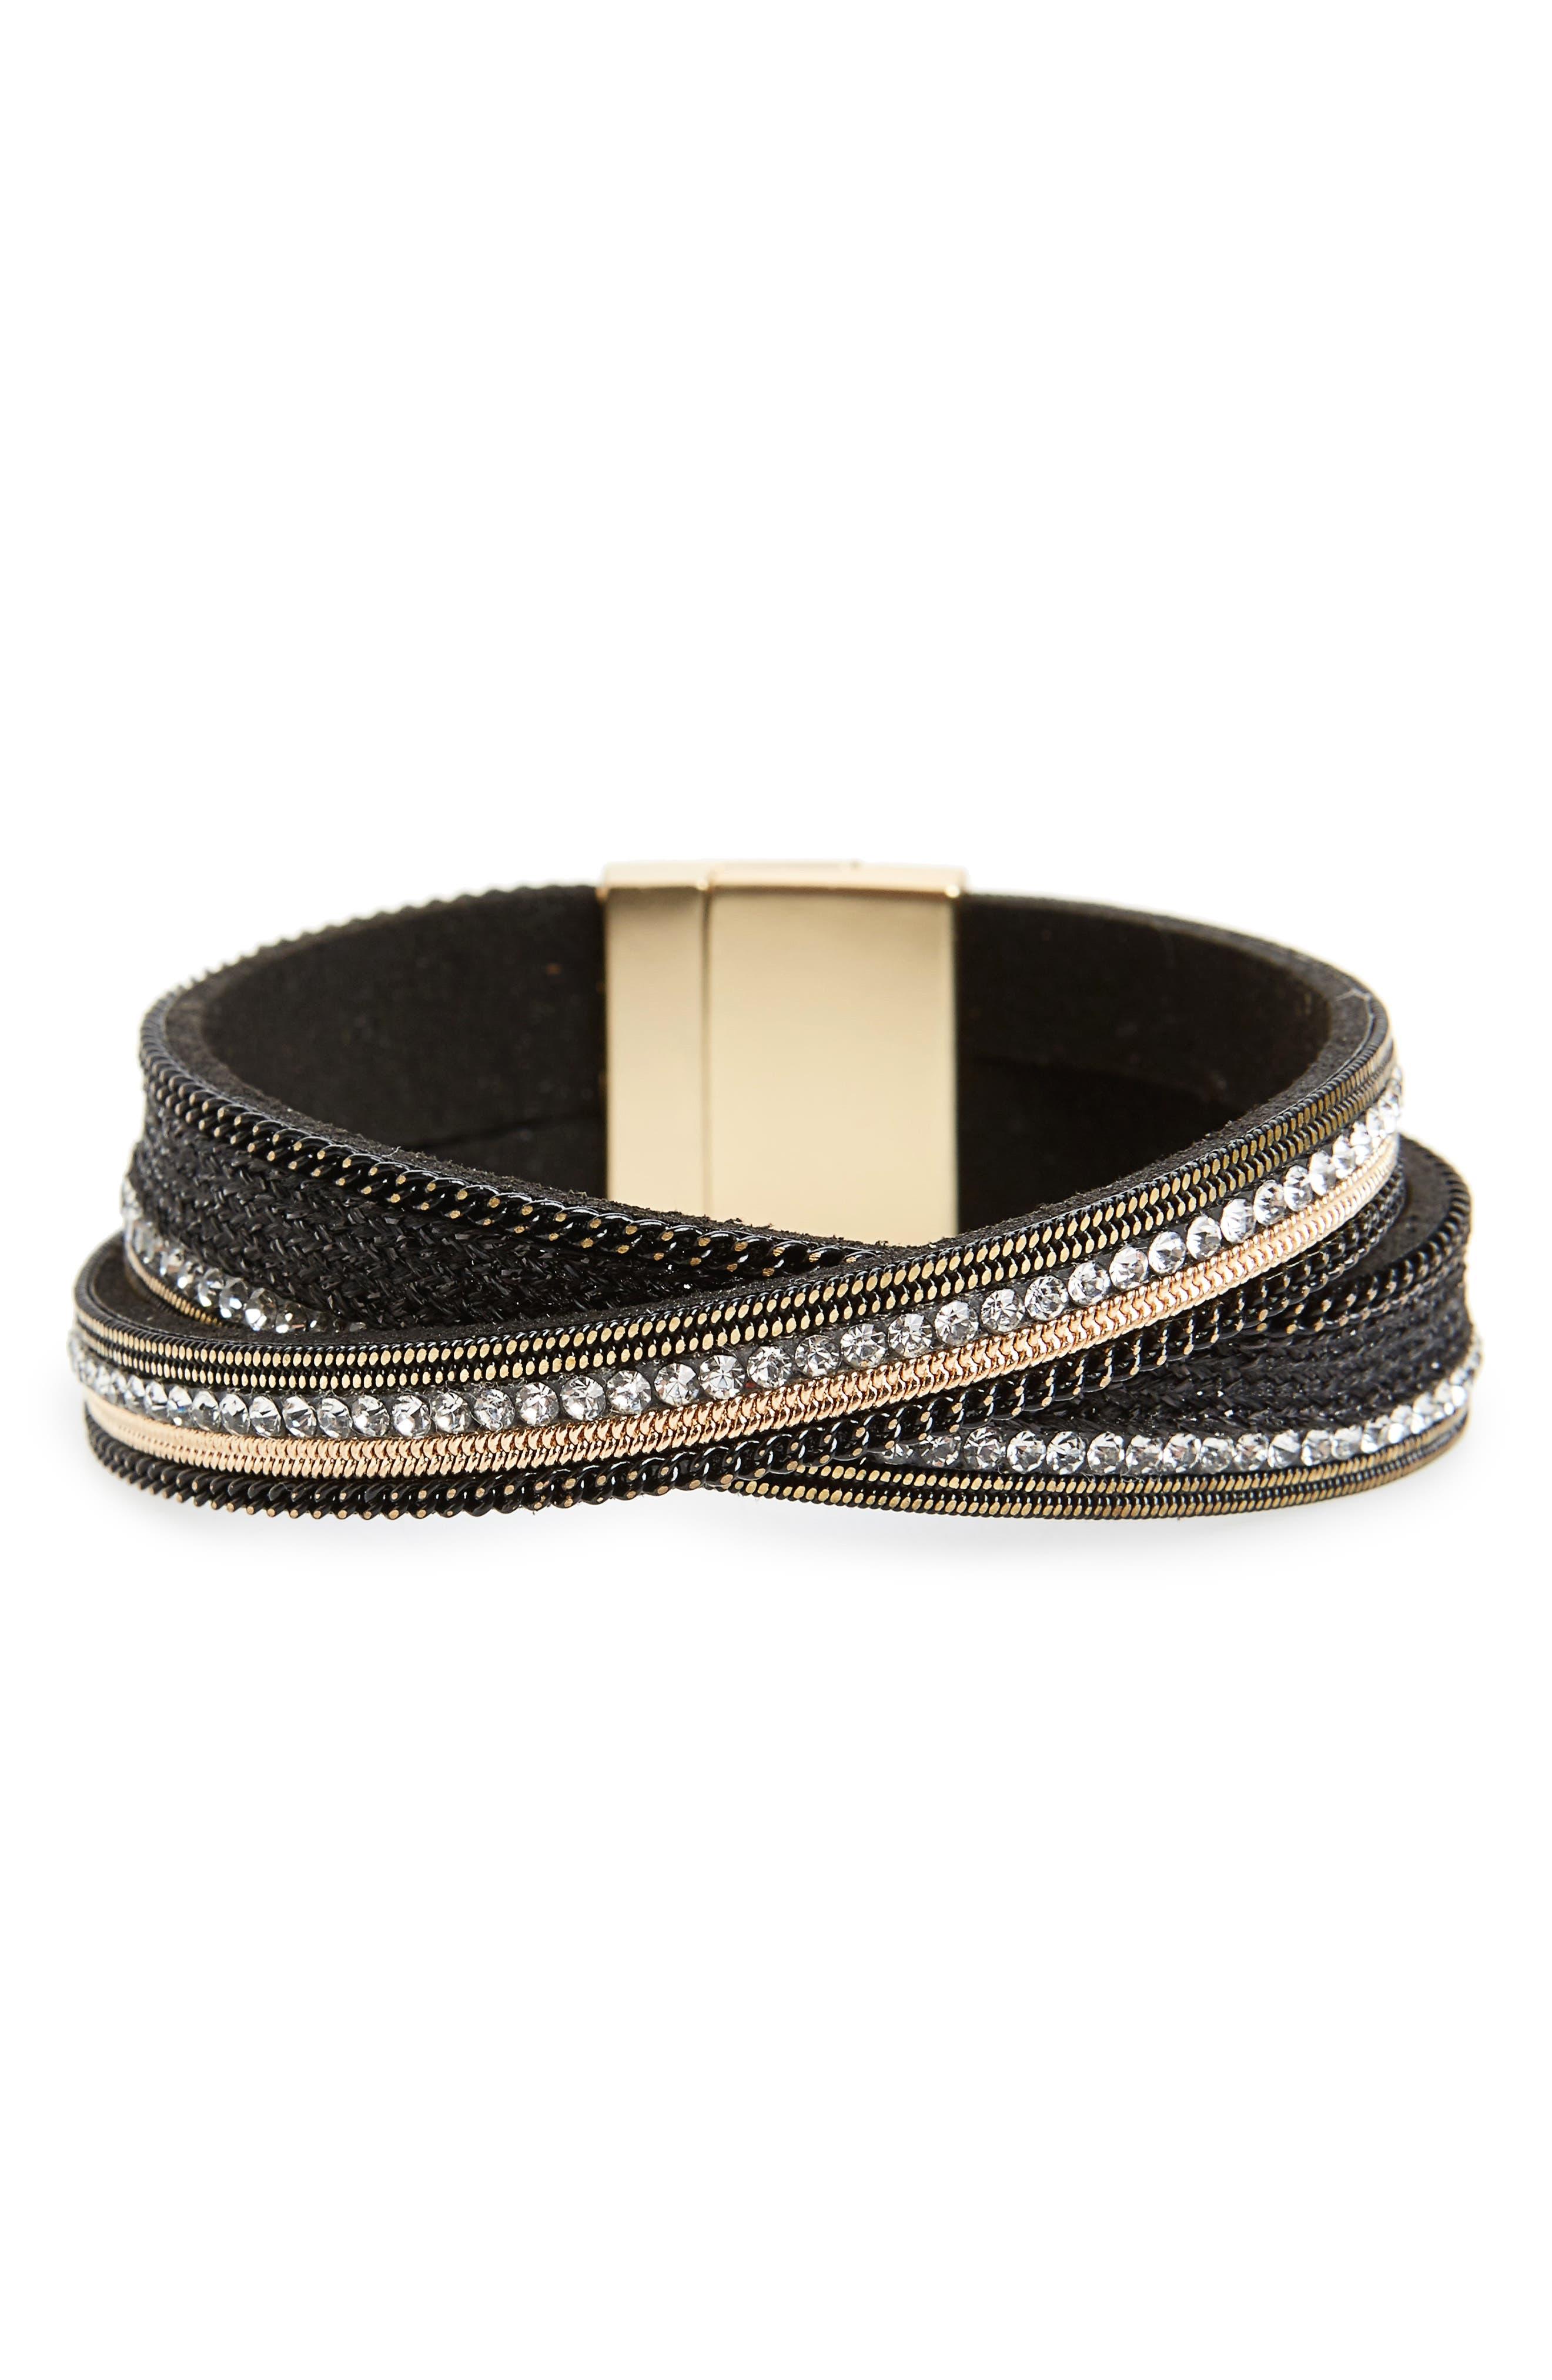 Faux Leather Magnetic Bracelet,                         Main,                         color, Black